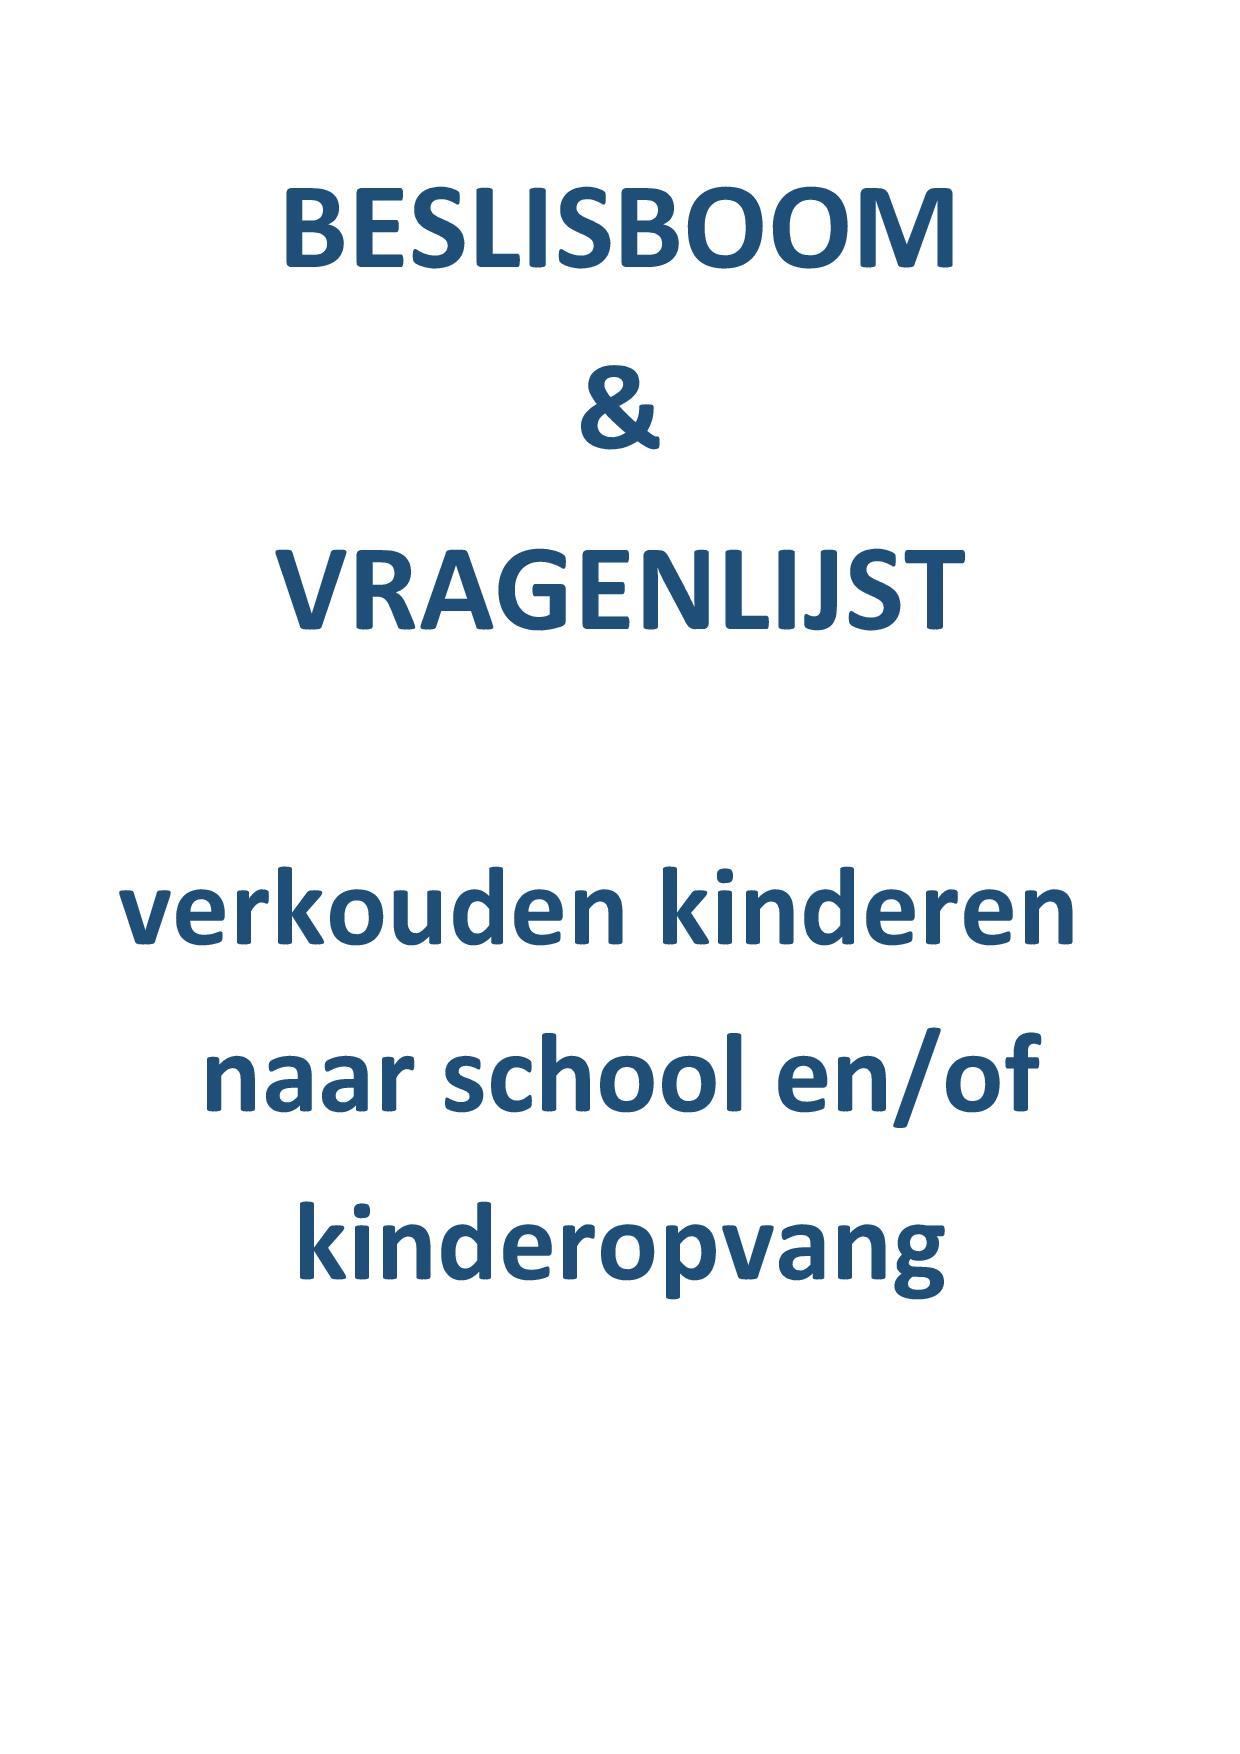 Beslisboom En Vragenlijst: Verkouden Kinderen Naar School En Kinderopvang